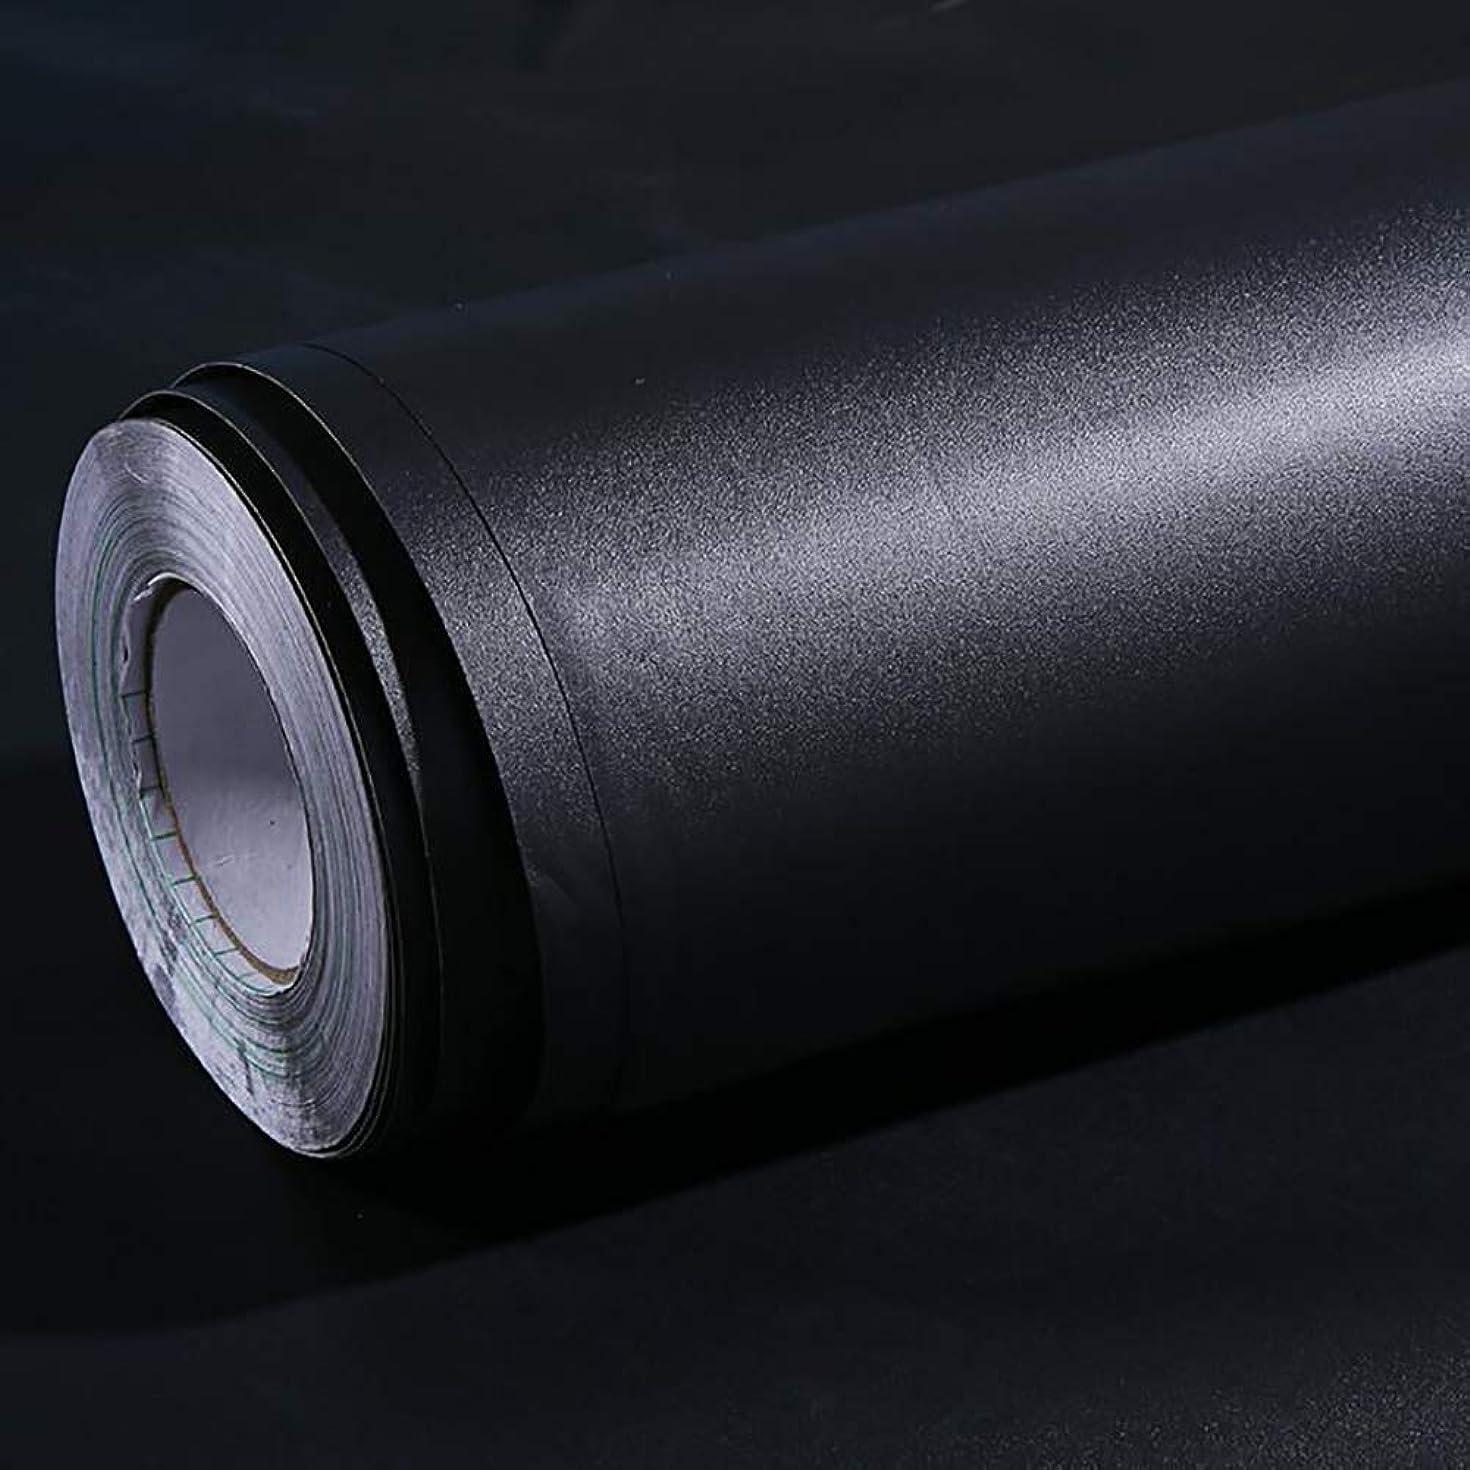 決めますほめる車両ブラックアウトウィンドウフィルム100%遮光プライバシーフィルムブラック自己粘着性ウィンドウステッカーダークニングフィルムアンチUVウィンドウティントベッドルーム,40x500cm(16x197inch)